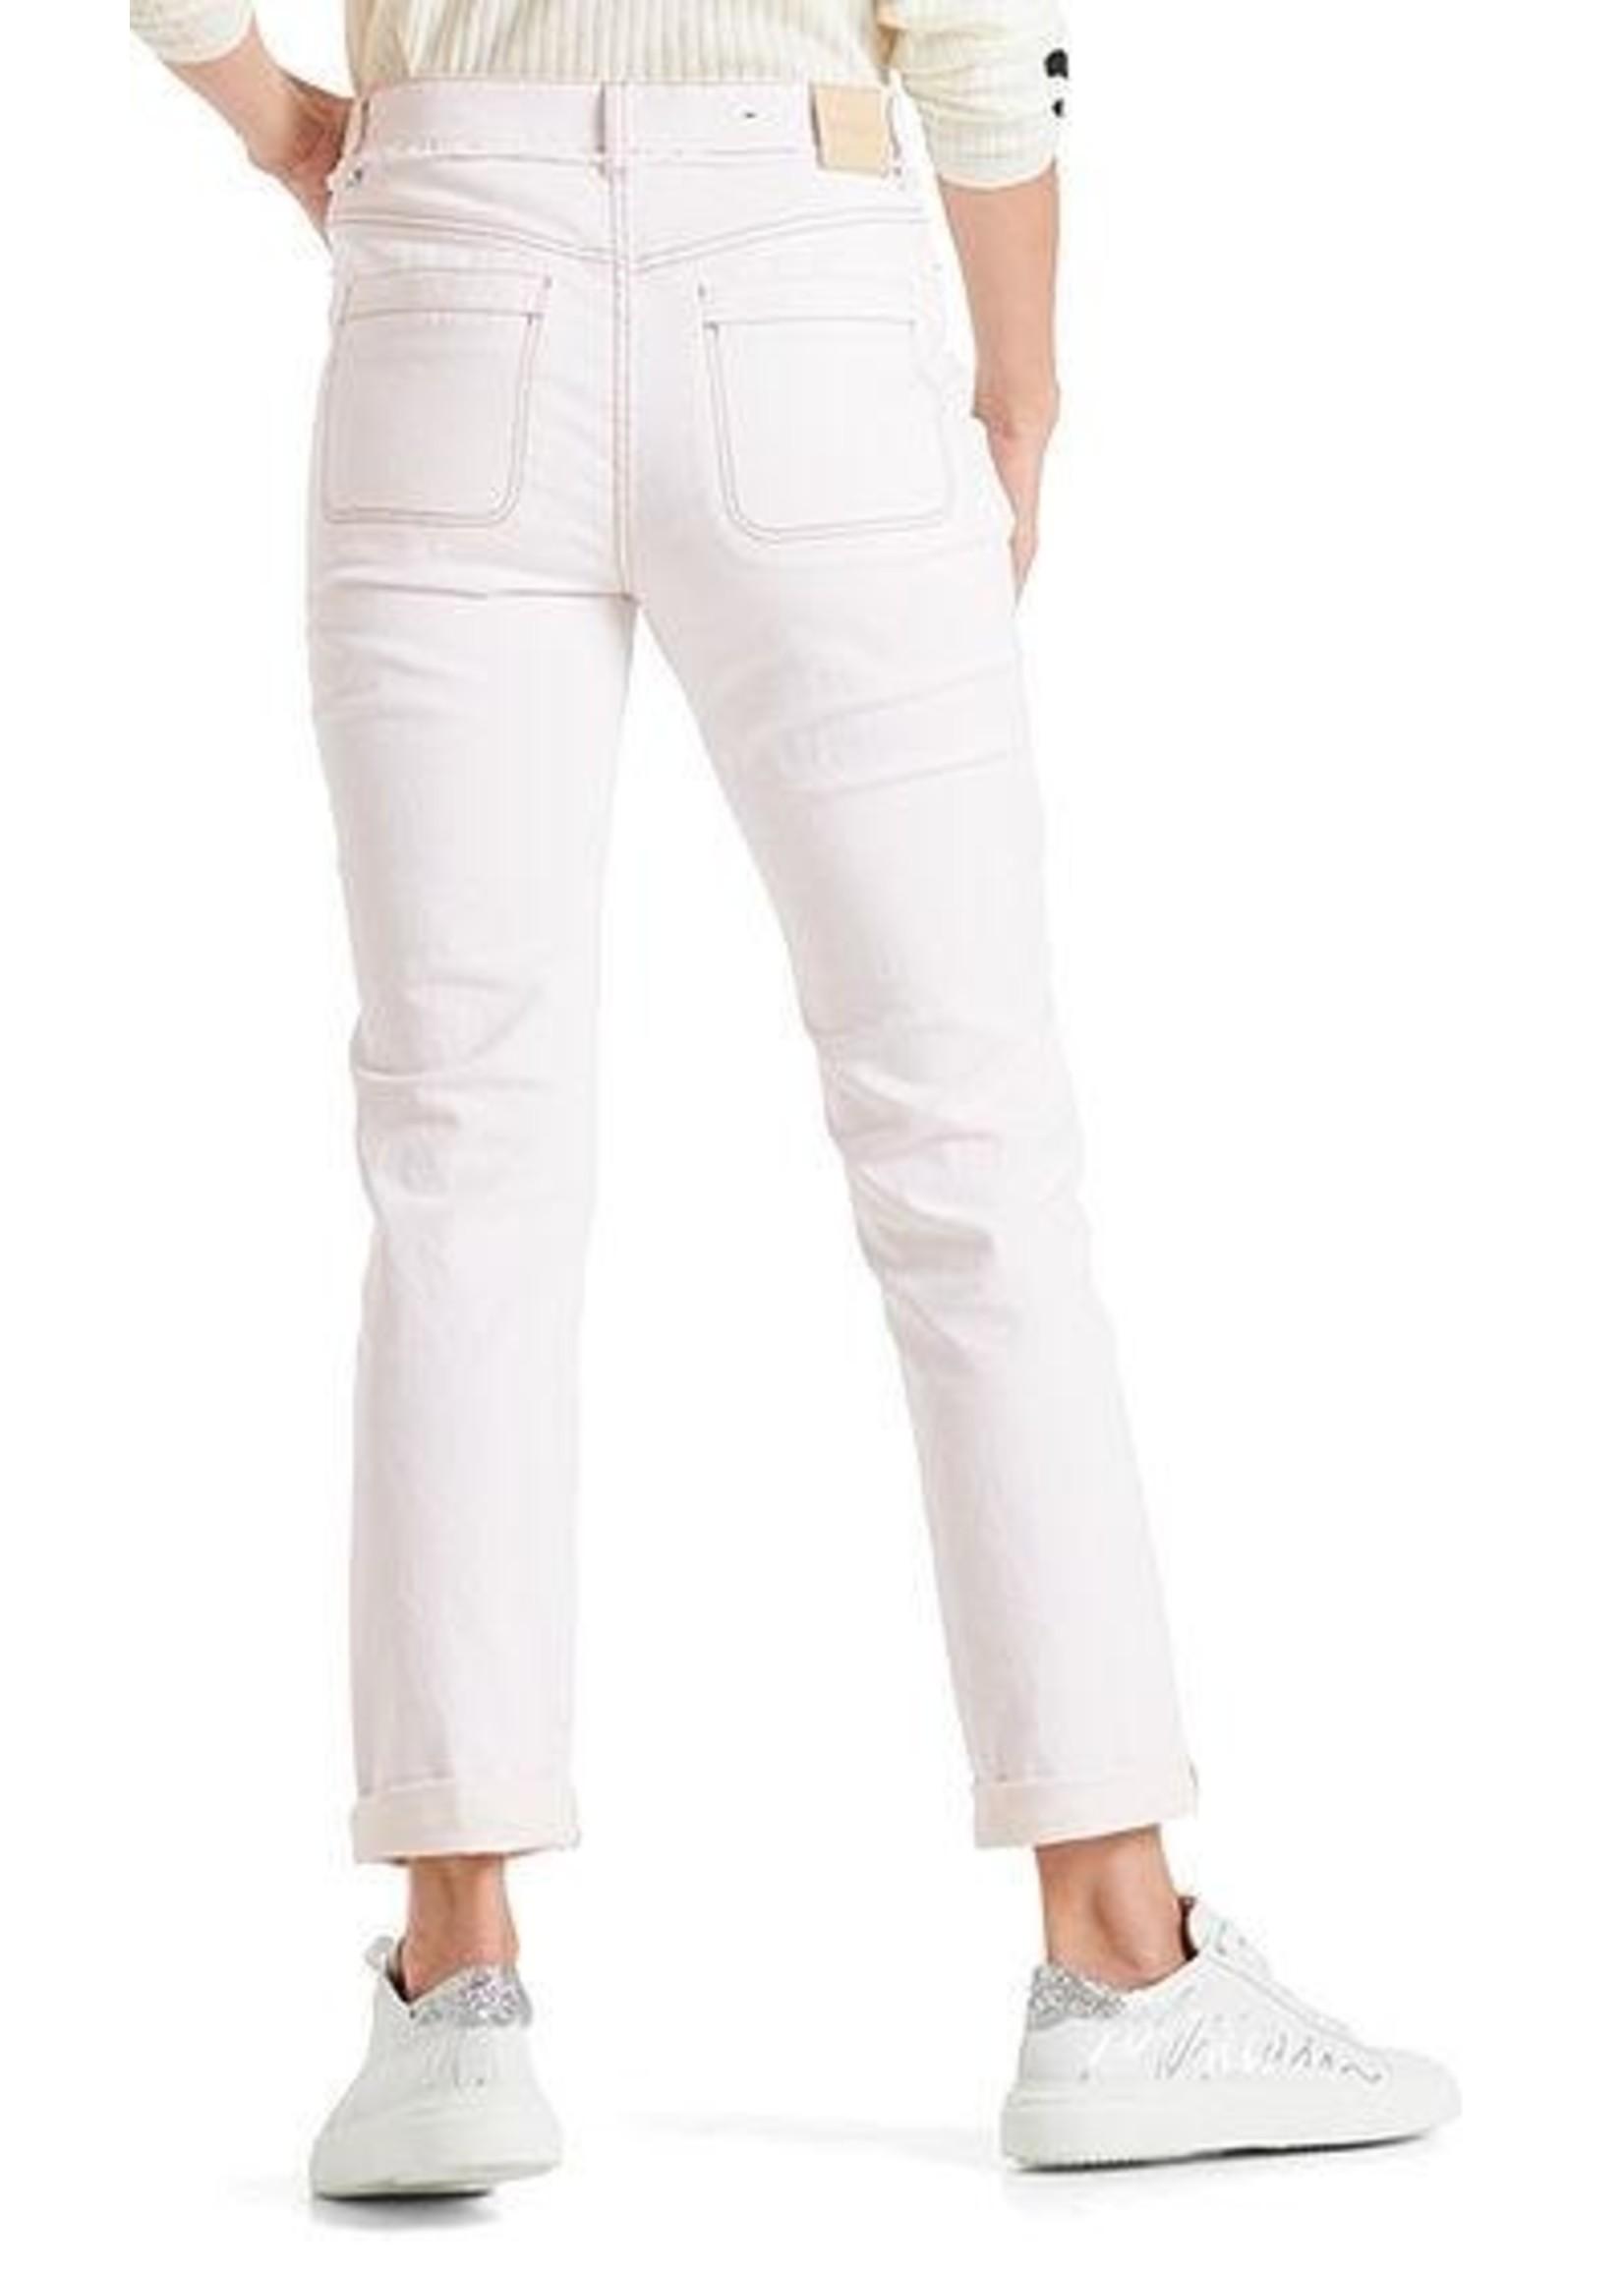 Jeans QS 82.02 D02